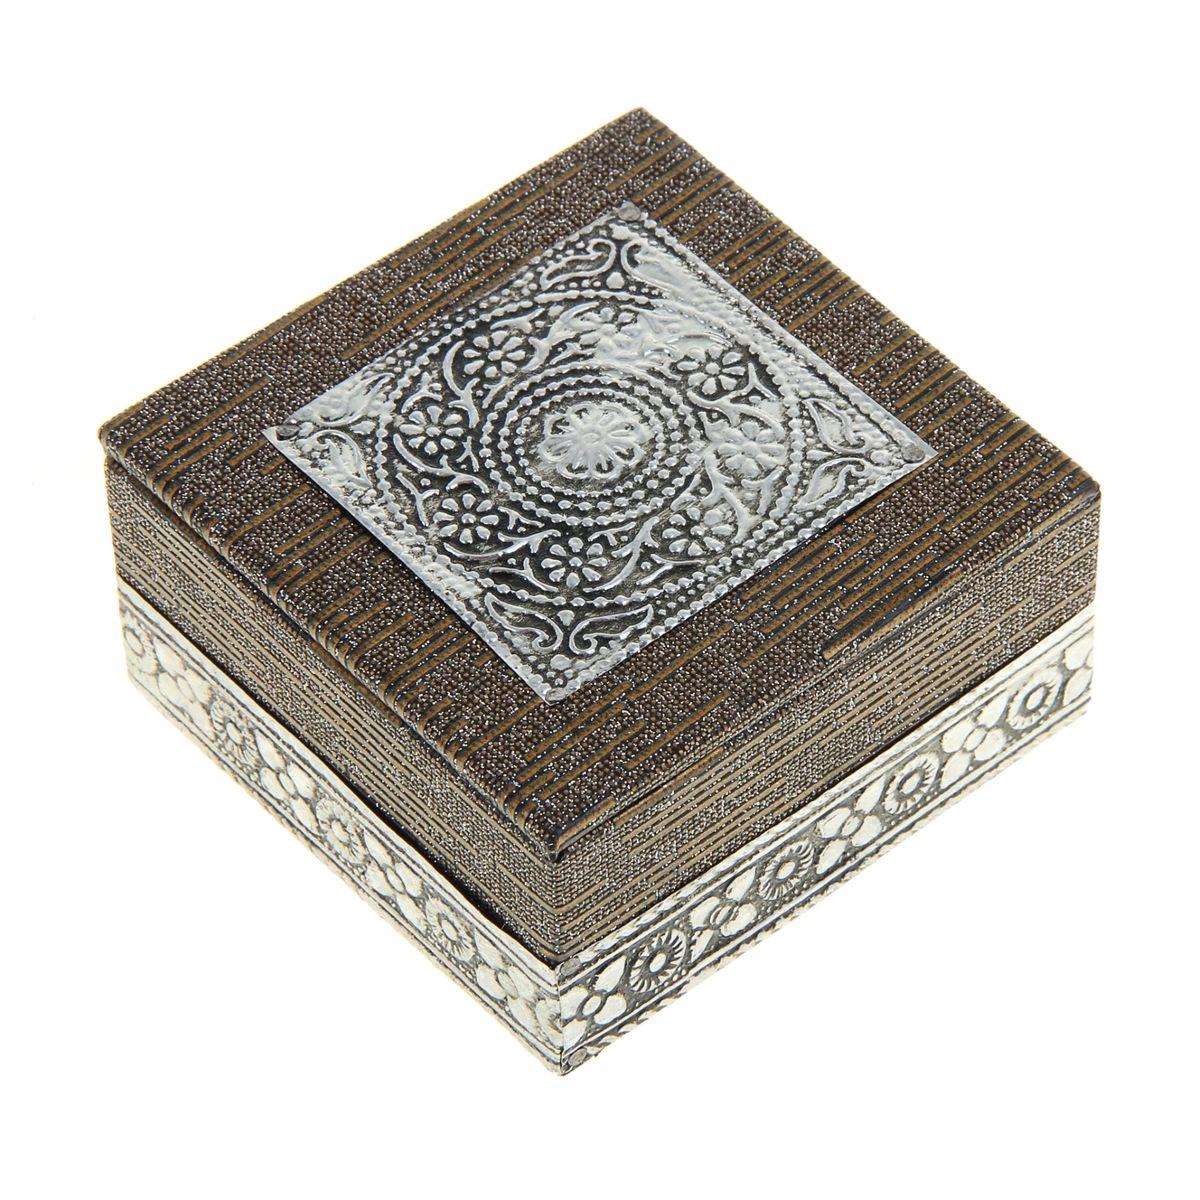 Шкатулка Sima-Land Символ божественности, 7,5 см х 7,5 см х 4 см842218Шкатулка Sima-land Символ божественности выполнена из МДФ и отделана металлом. Крышка оформлена рельефными узорами в виде цветов. Чем больше шкатулок, тем больше украшений. Говорят, что шкатулки их притягивают. А если это настоящая индийская шкатулка, да еще и ручной работы, тогда точно все украшения будут заползать туда сами. Представьте, как там будет уютно вашим сережкам или подвеске, часам или цепочке: это настоящий дворец для любимых аксессуаров. Шкатулка для украшений Символ божественности, словно настоящий ларец принцессы, ее форма, материал, узоры, оригинальное обрамление, все это буквально завораживает. Ваши украшения скажут вам только спасибо за такой славный домик! Шкатулка станет приятным подарком женщине по случаю праздника, она обязательно оценит ваш безупречный вкус.